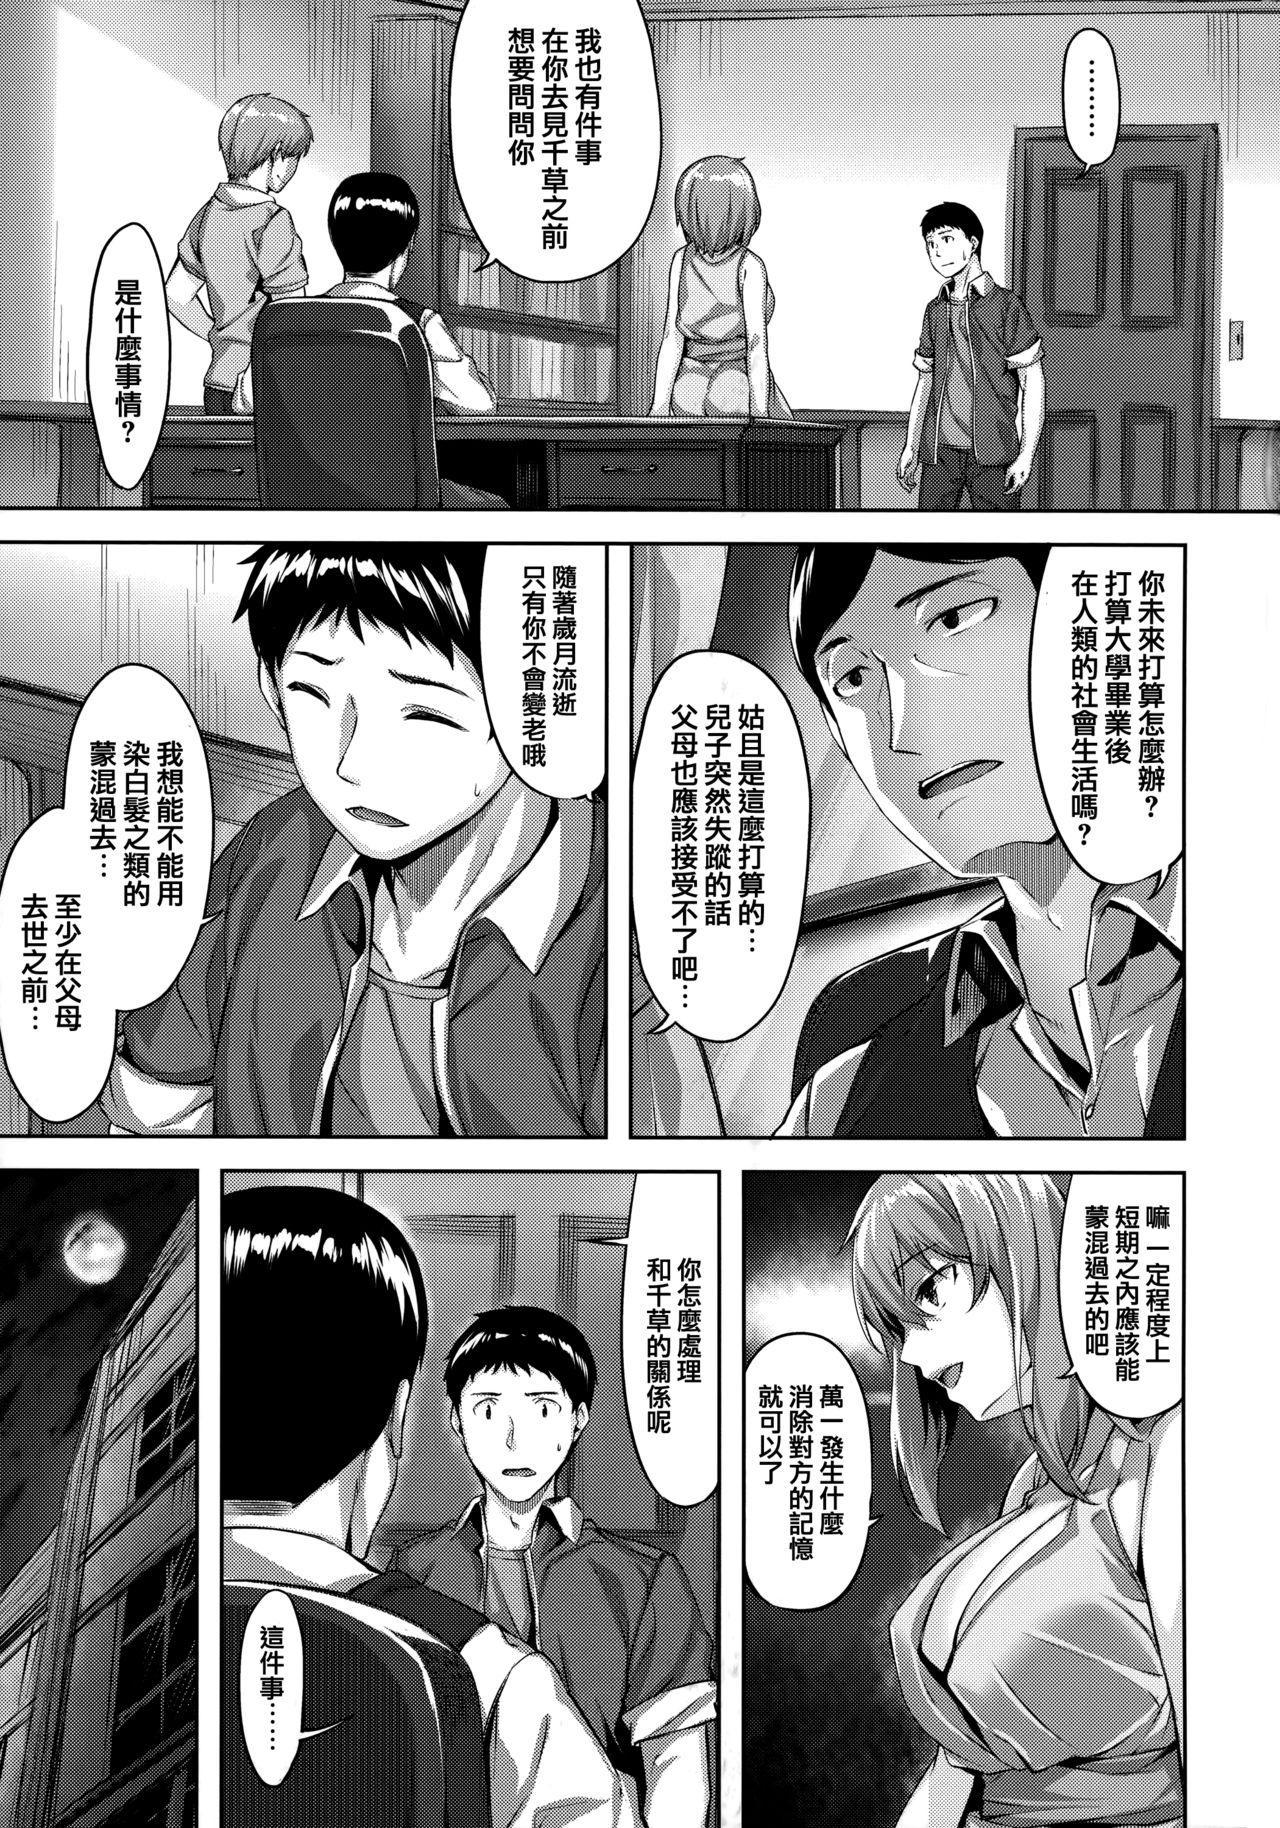 Zutto Daisuki 51